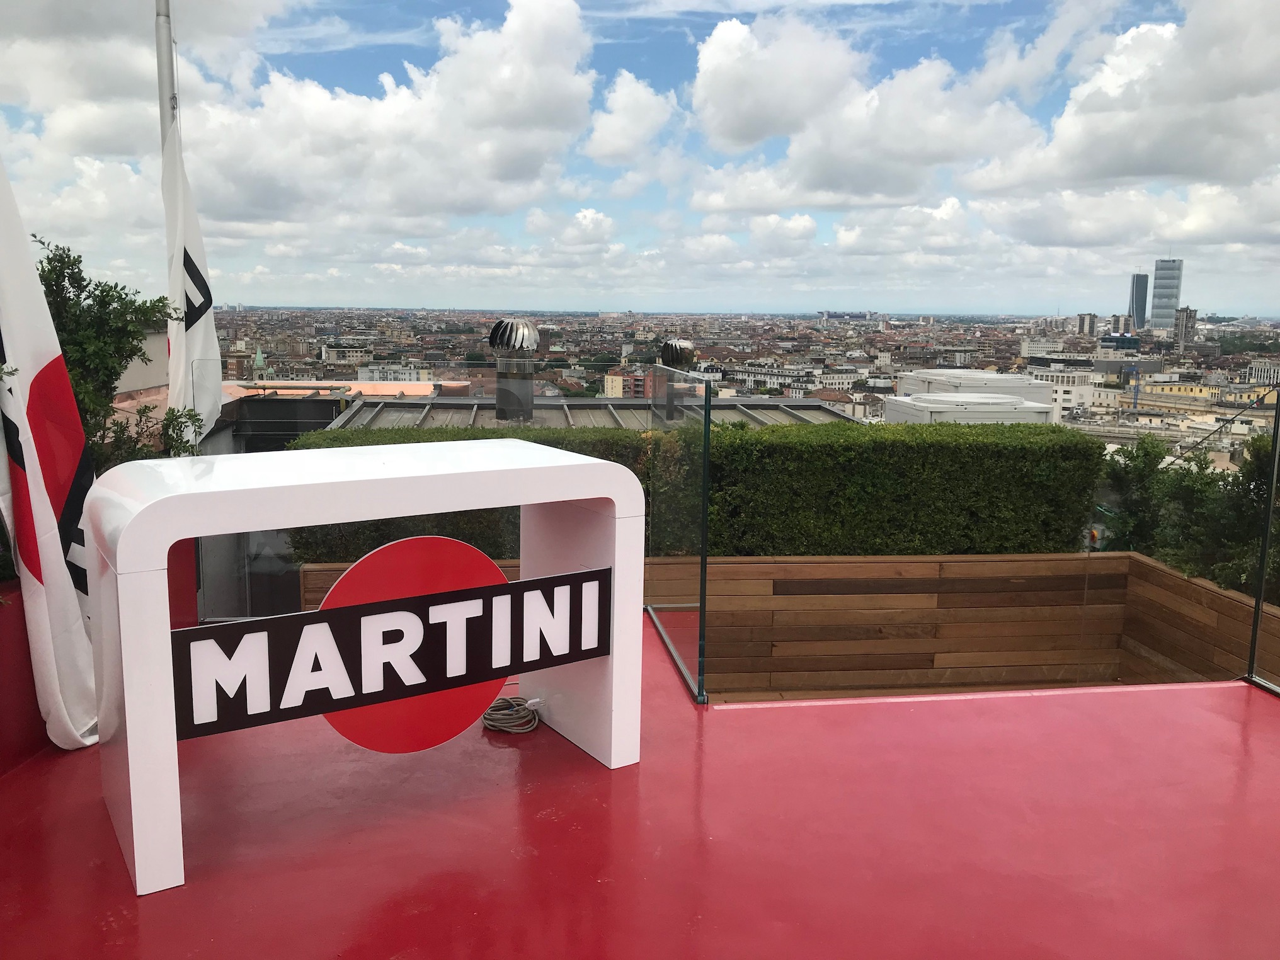 Terrazza Martini si rifà il look, valorizzando ulteriormente il brand di